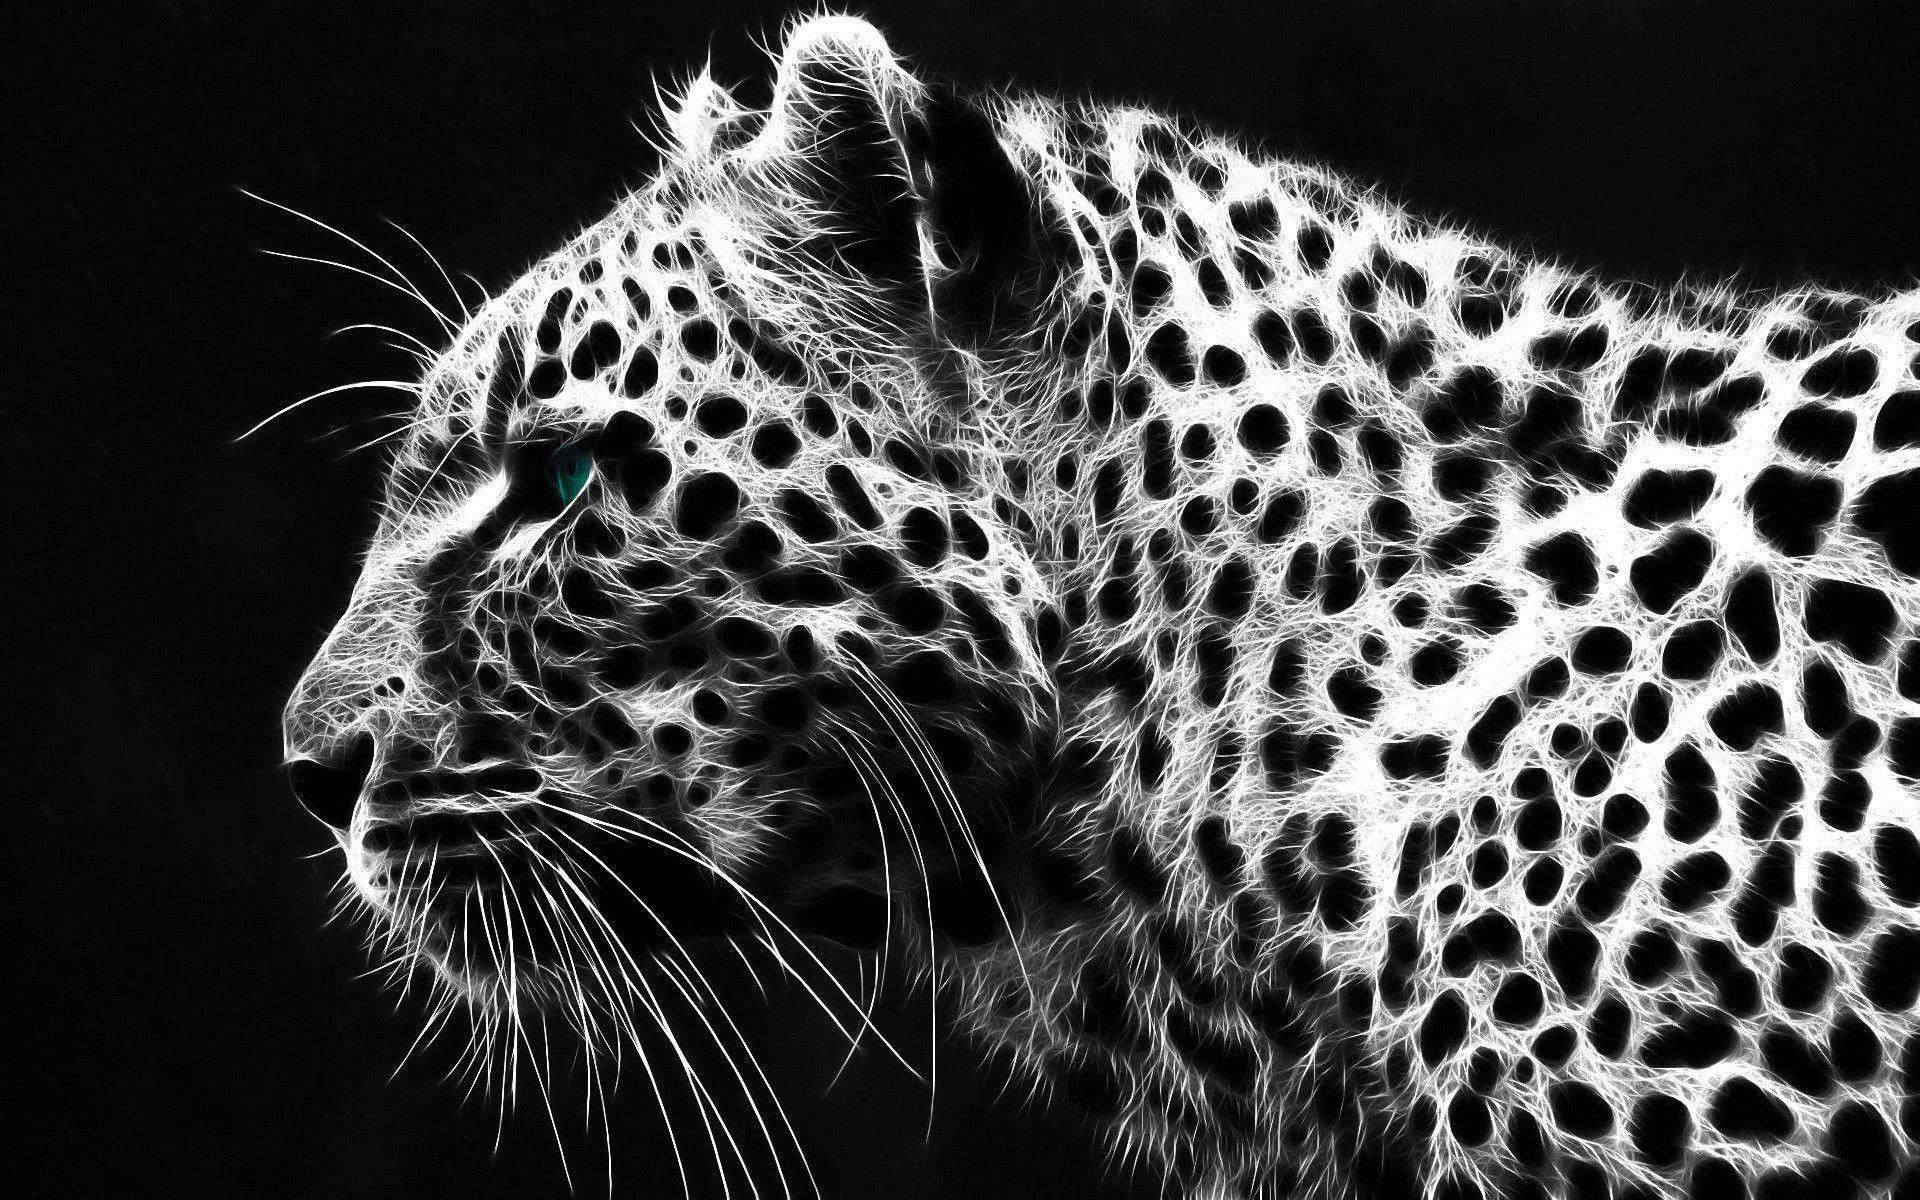 1920x1200 Black Cheetah hình nền